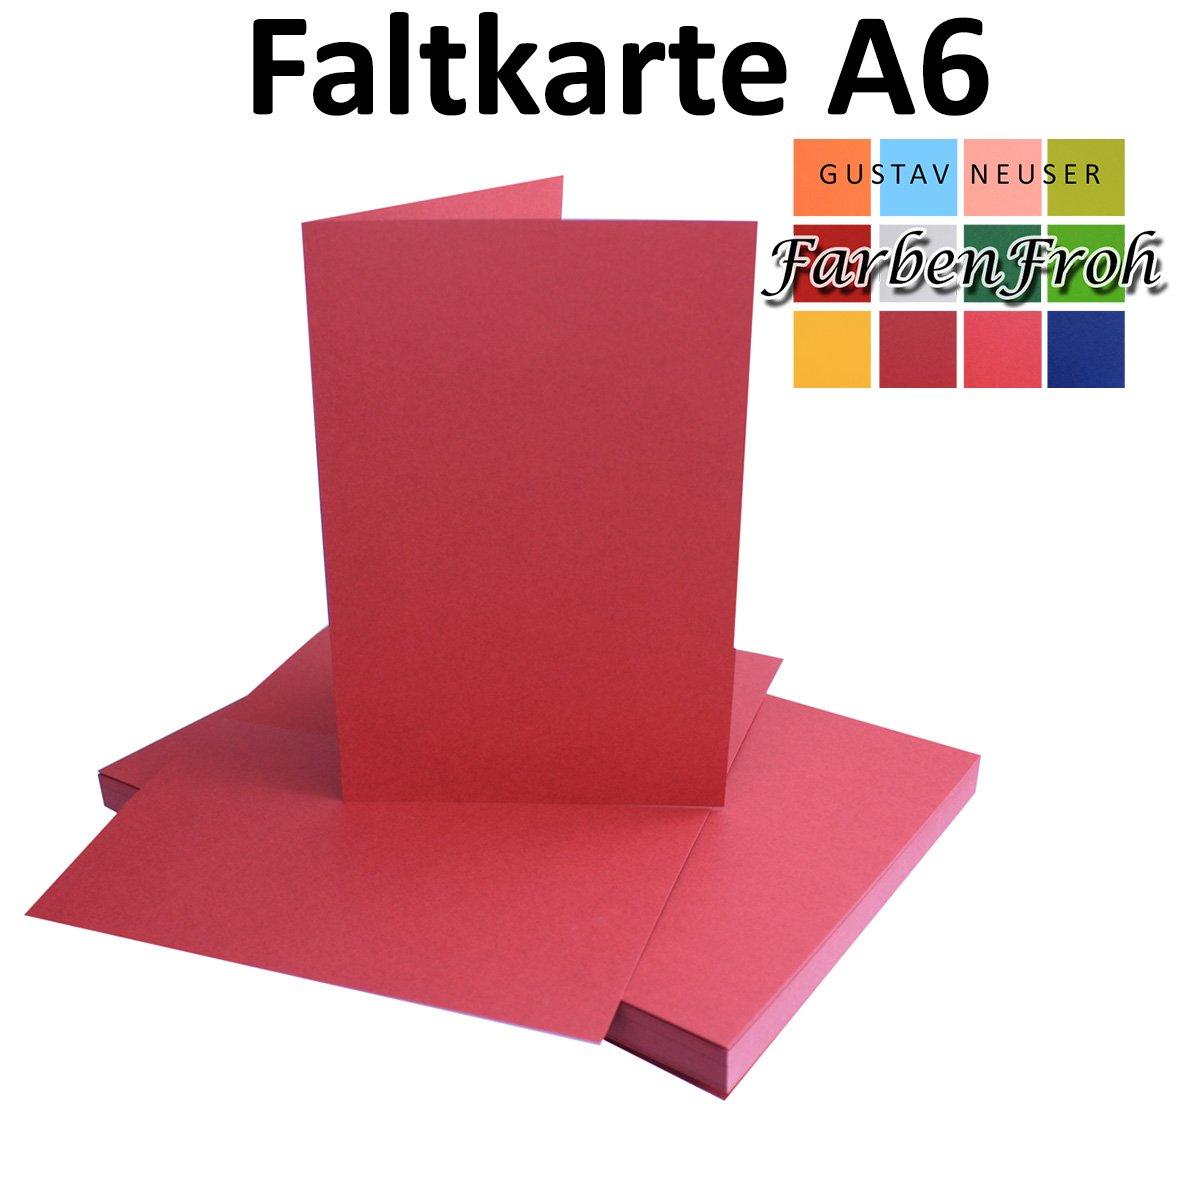 250x Falt-Karten DIN A6 A6 A6 Blanko Doppel-Karten in Hochweiß Kristallweiß -10,5 x 14,8 cm   Premium Qualität   FarbenFroh® B078W64XQ7 Kartenkartons Bekannt für seine schöne Qualität a38539